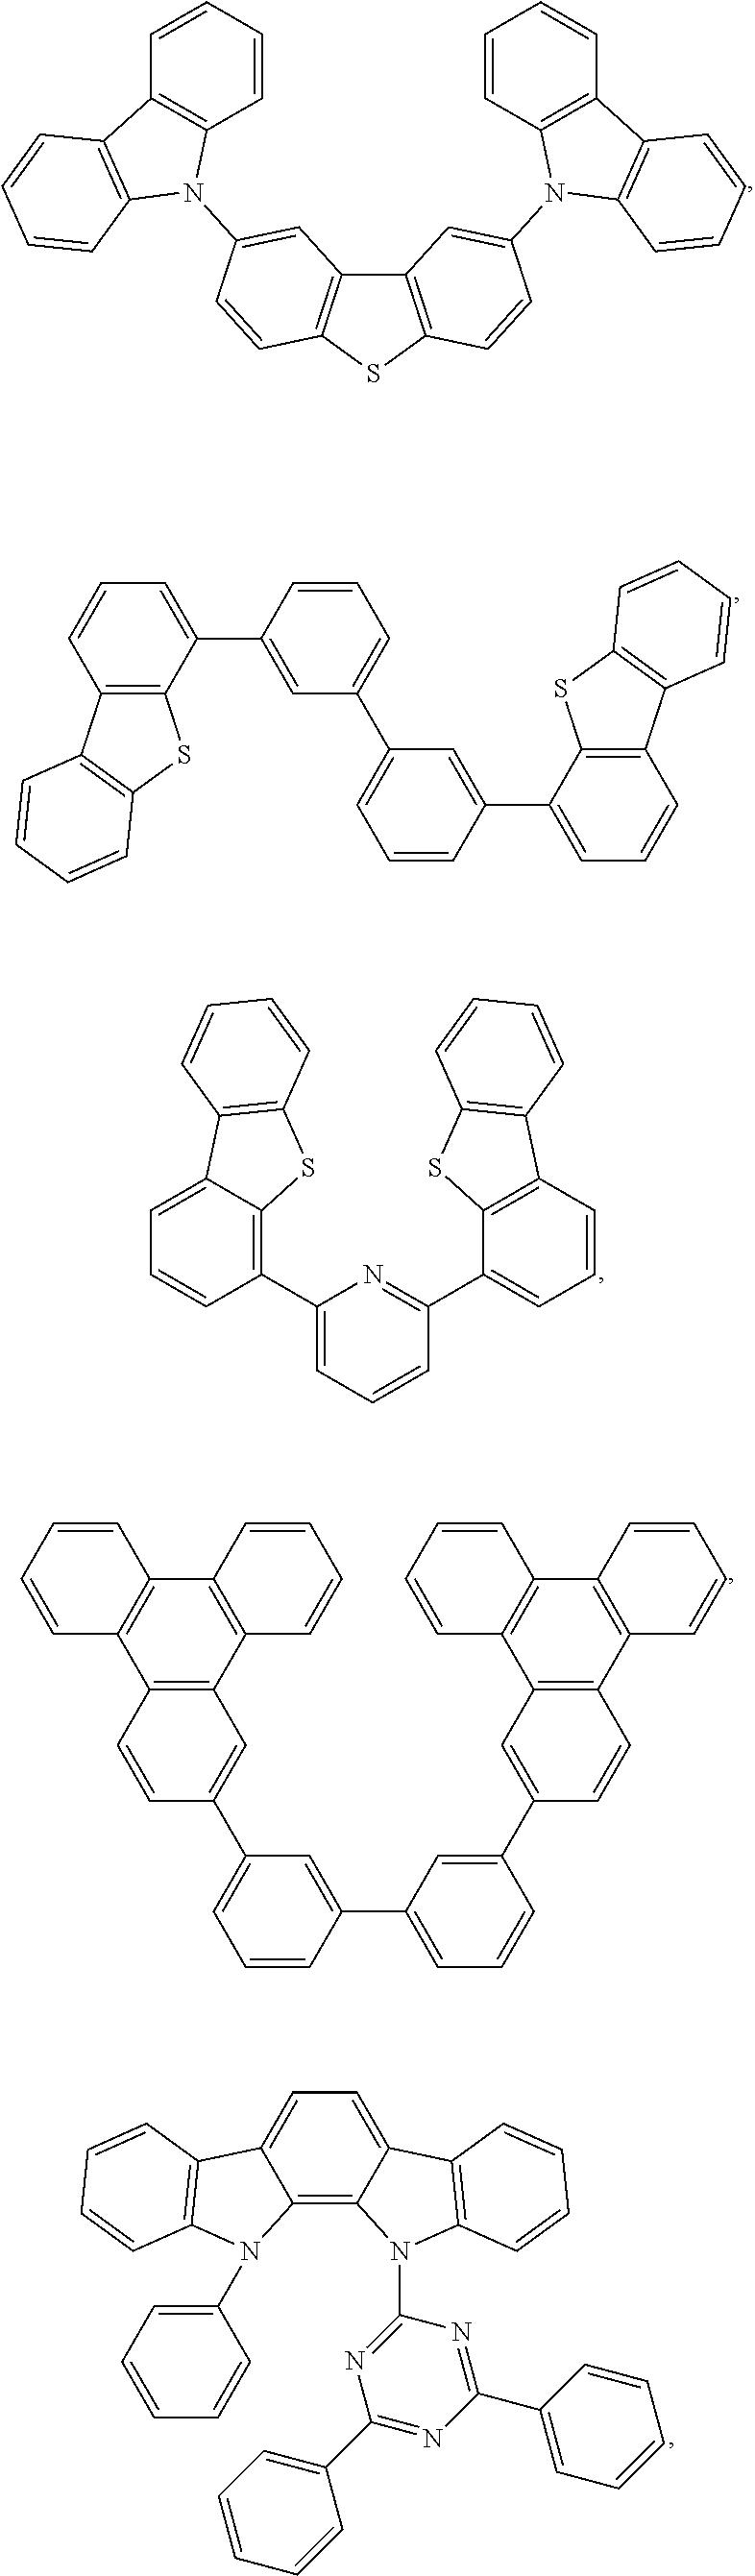 Figure US09773985-20170926-C00042